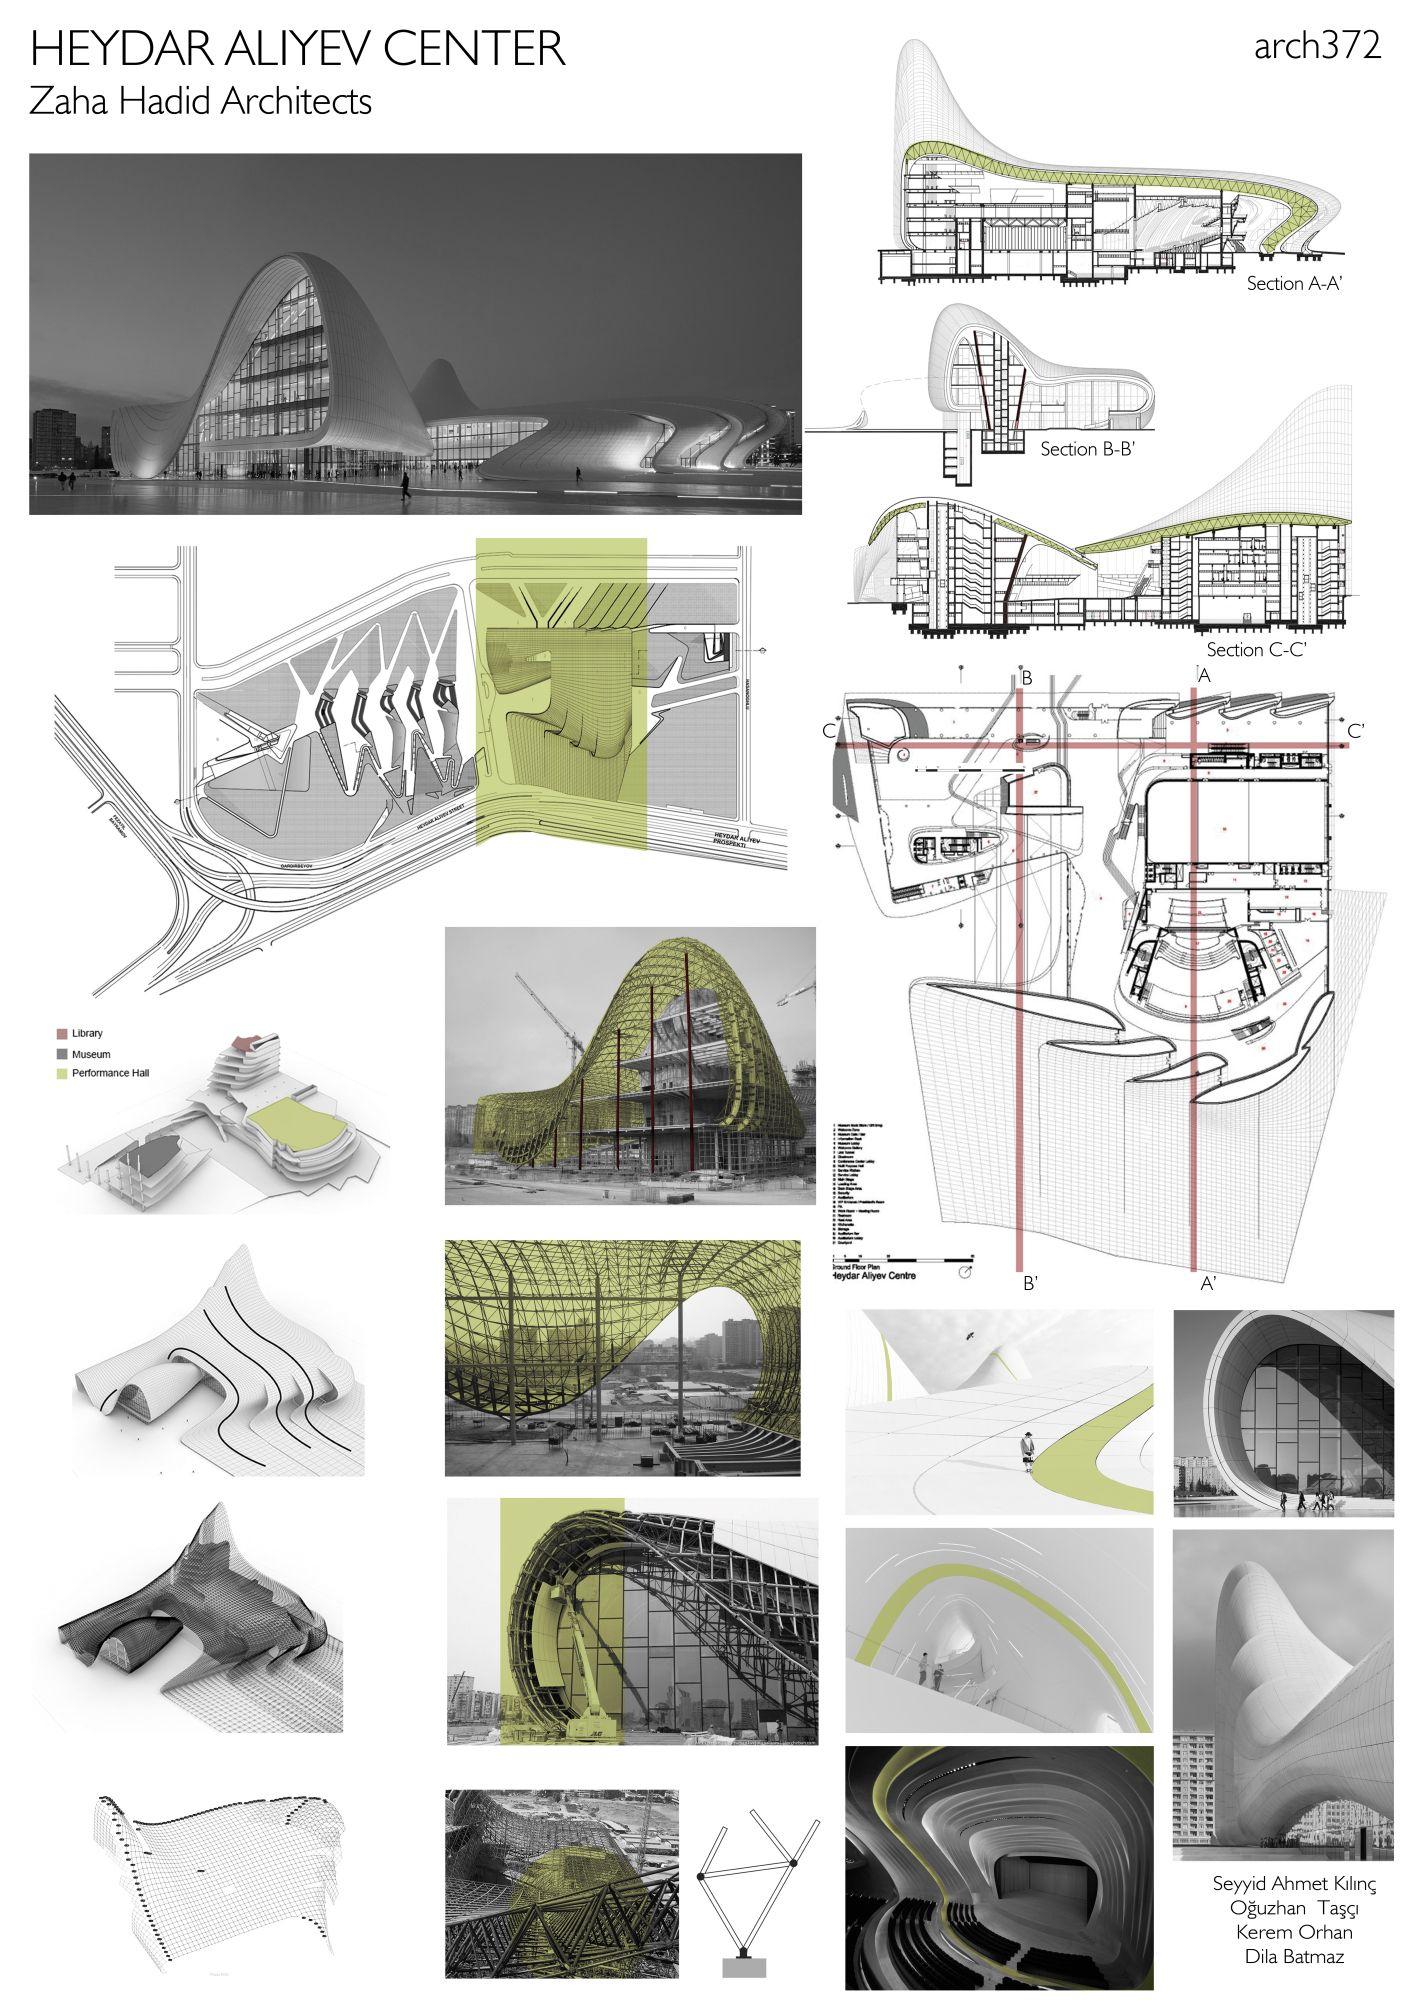 Case Study Of Heydar Aliyev Center By Zaha Hadid Architects Zaha Hadid Zaha Zaha Hadid Architecture